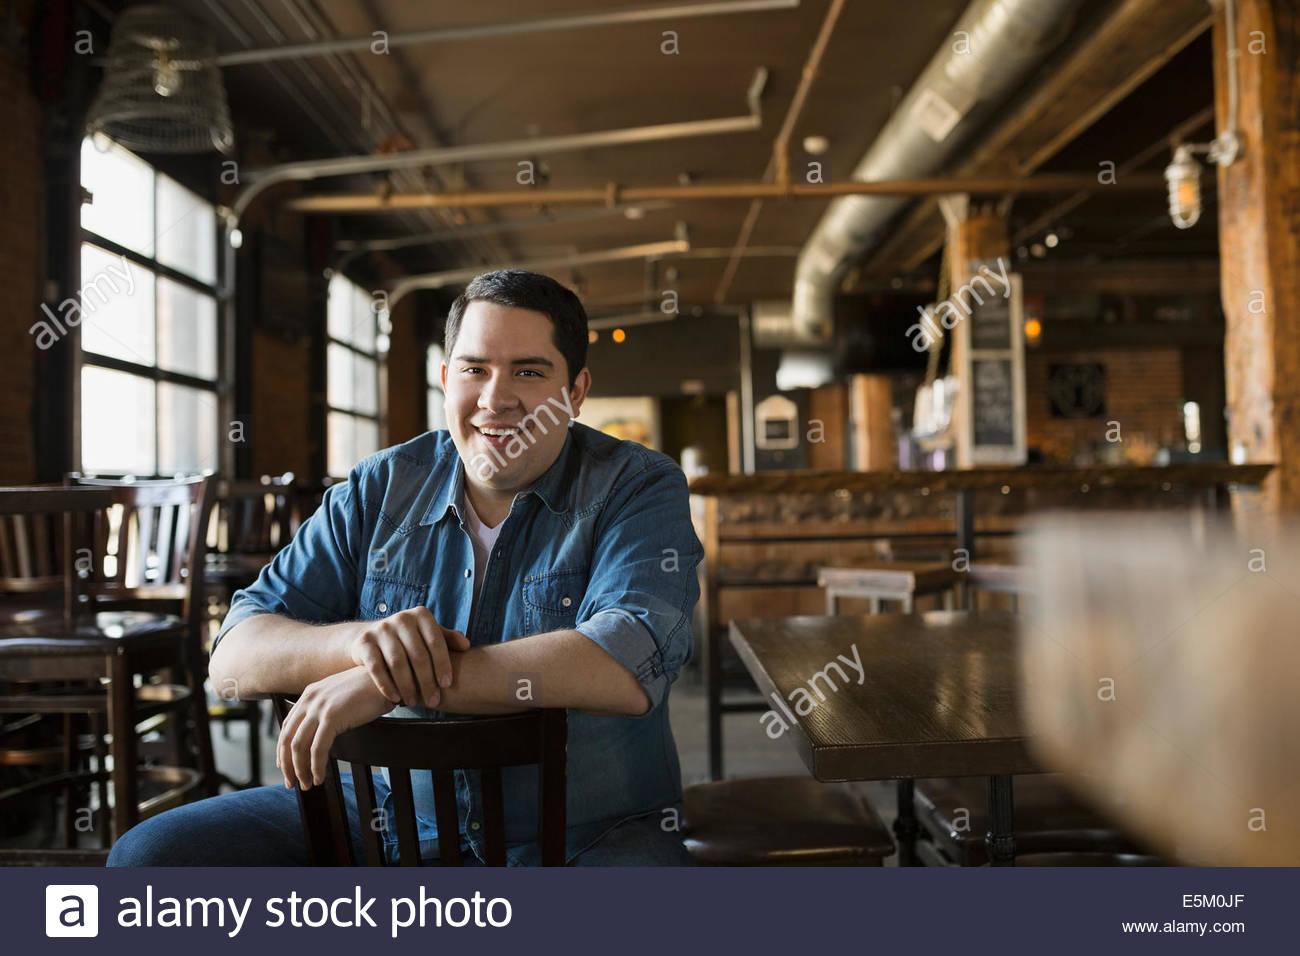 Porträt des Lächelns Pub-Besitzer Stockbild